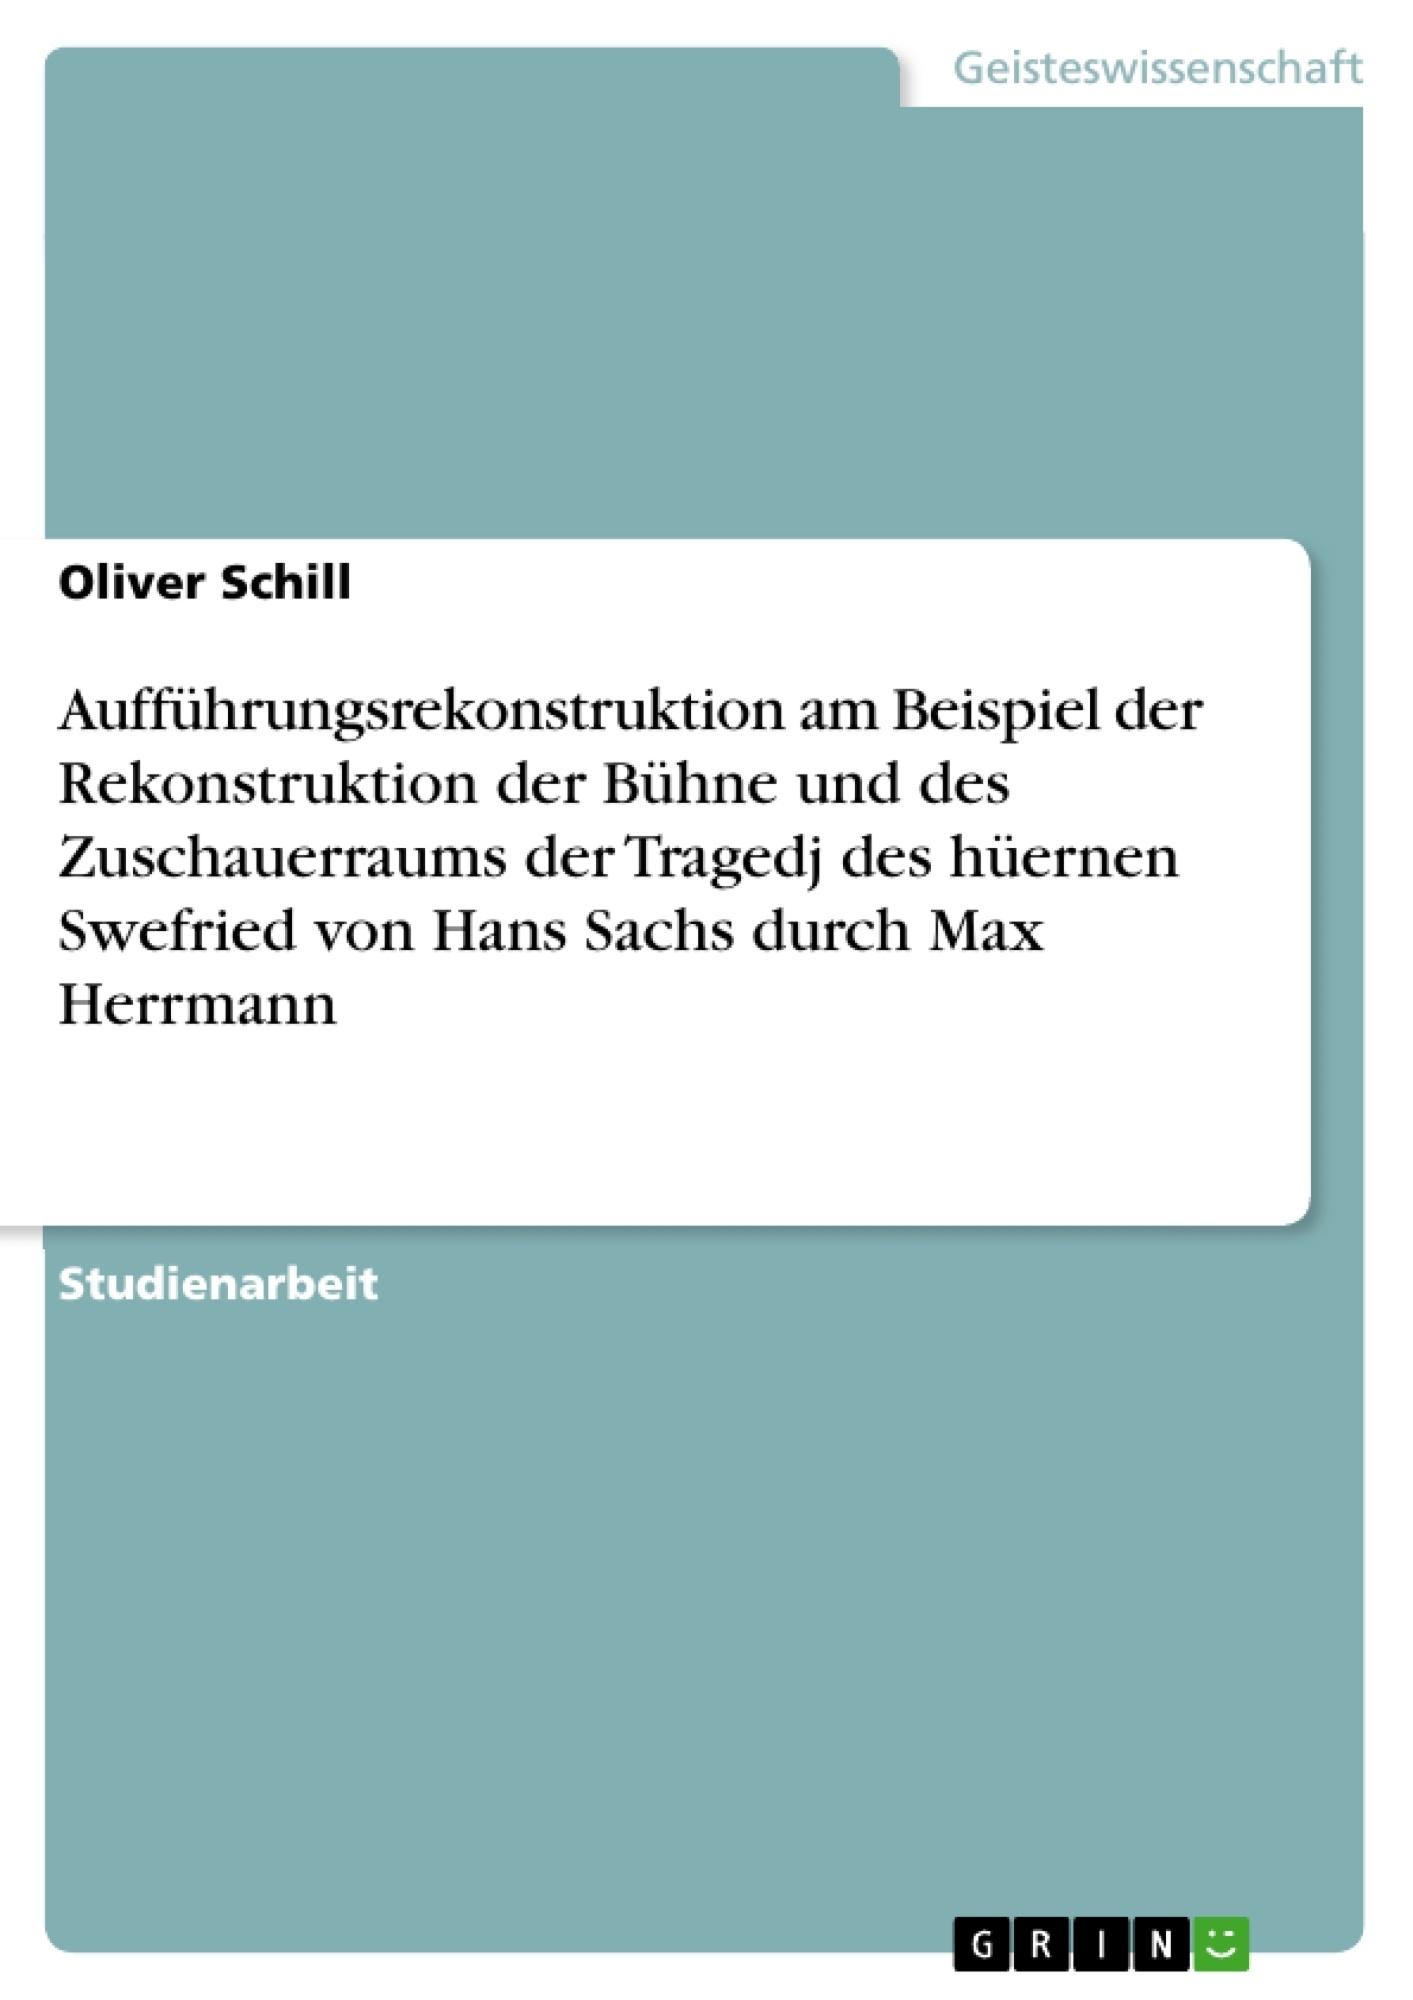 Titel: Aufführungsrekonstruktion am Beispiel der Rekonstruktion der Bühne und des Zuschauerraums der Tragedj des hüernen Swefried von Hans Sachs durch Max Herrmann